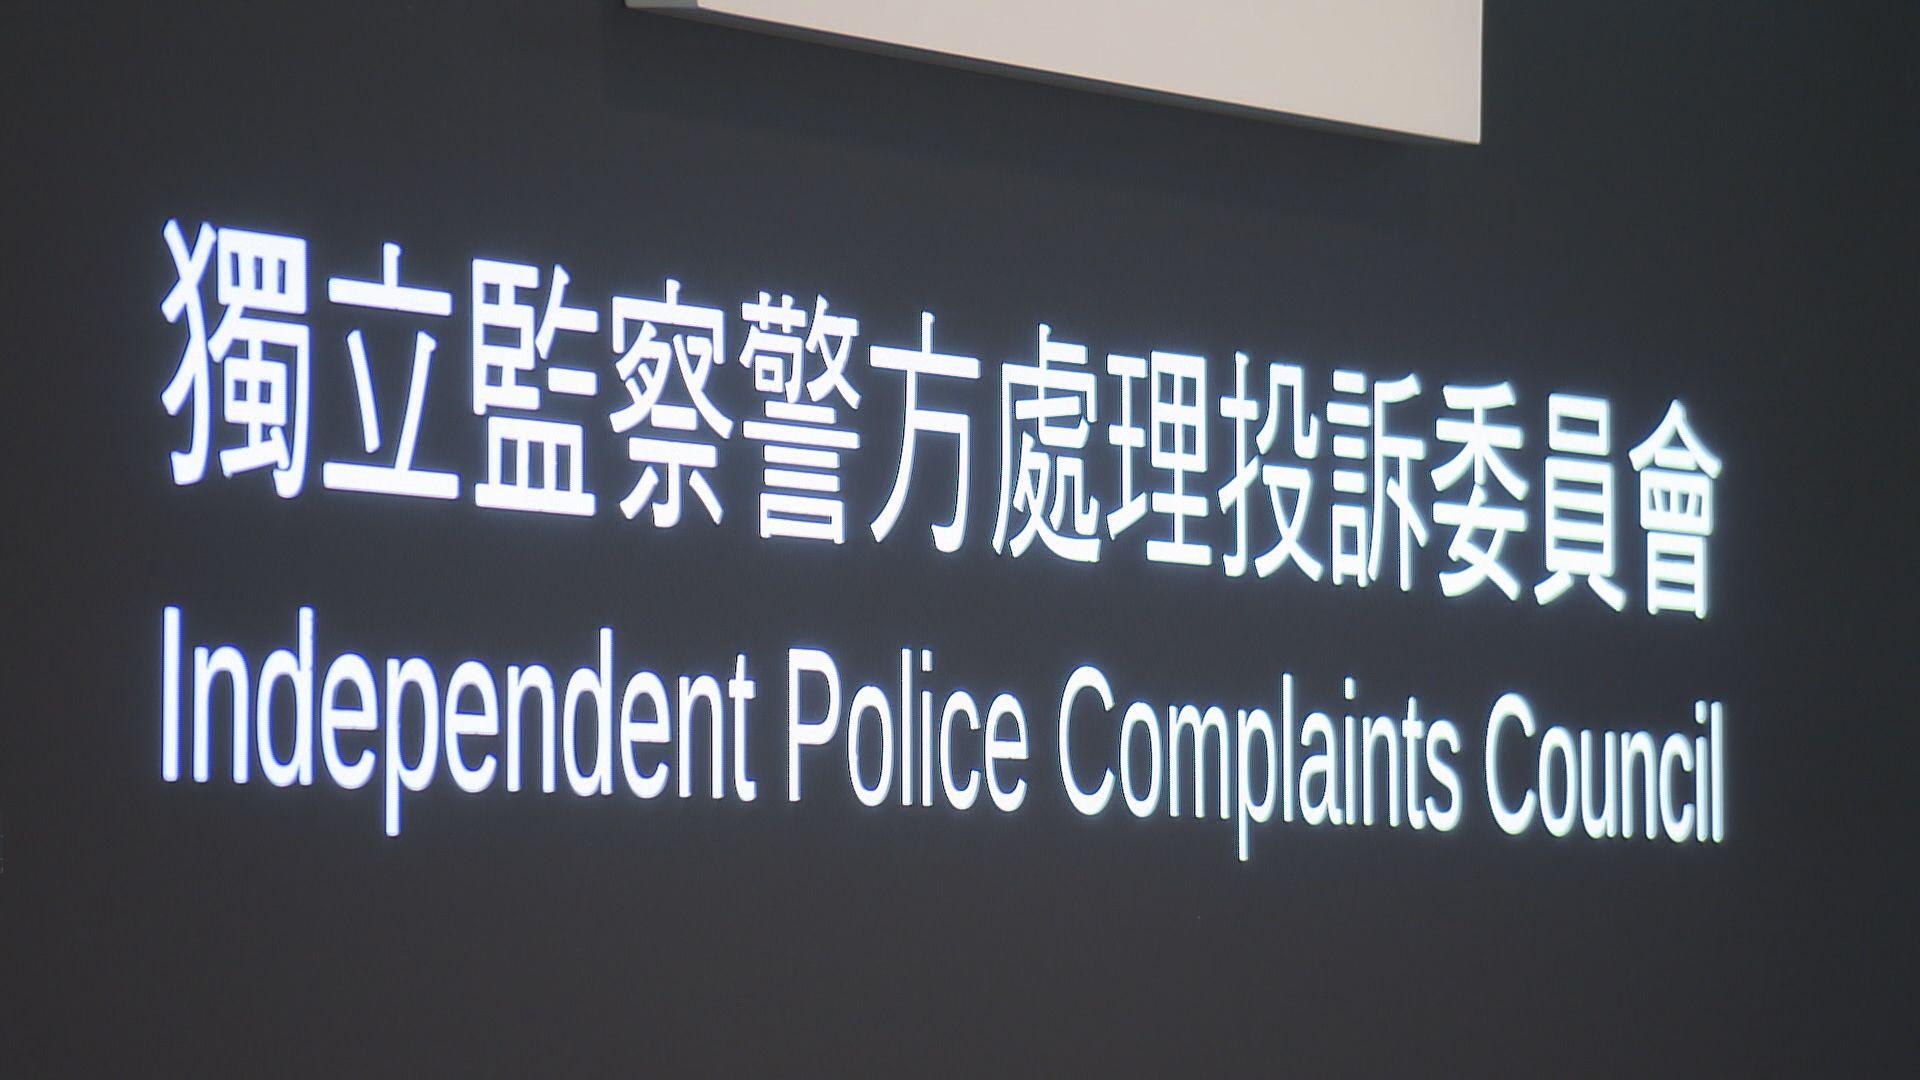 監警會公布四宗警員調查刑事案投訴